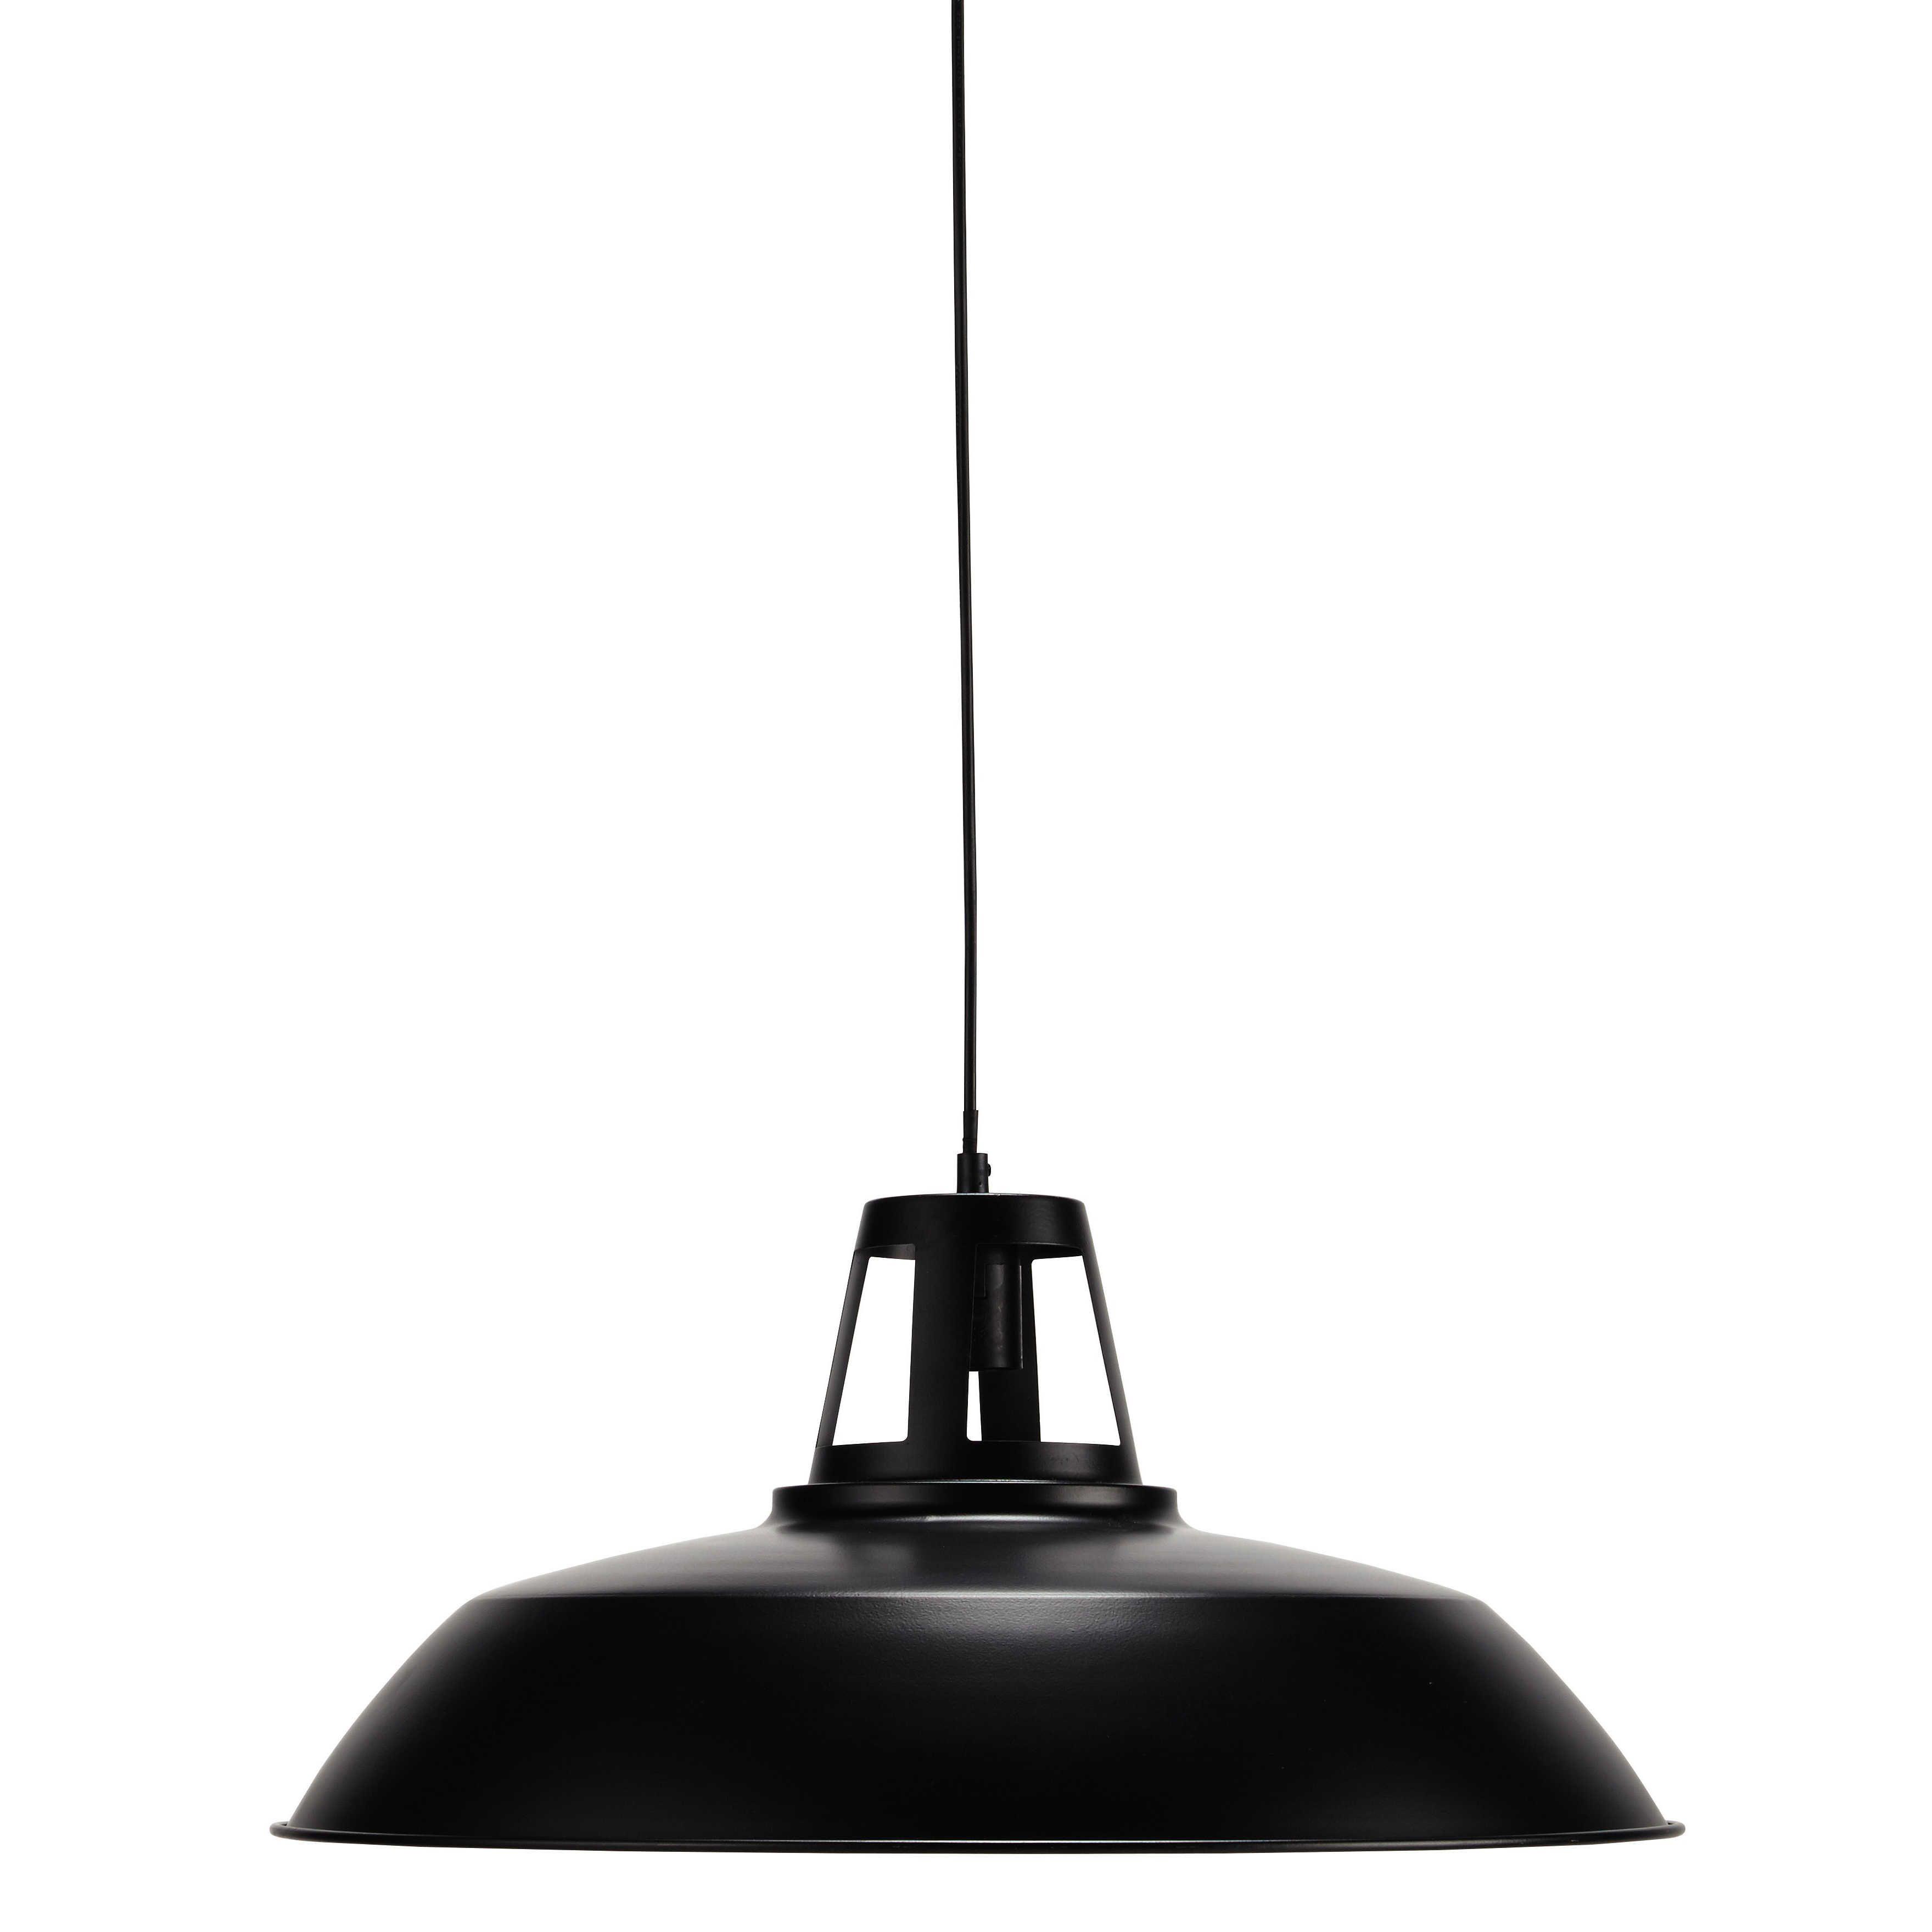 Suspension en métal noire D 56 cm JAMES salon